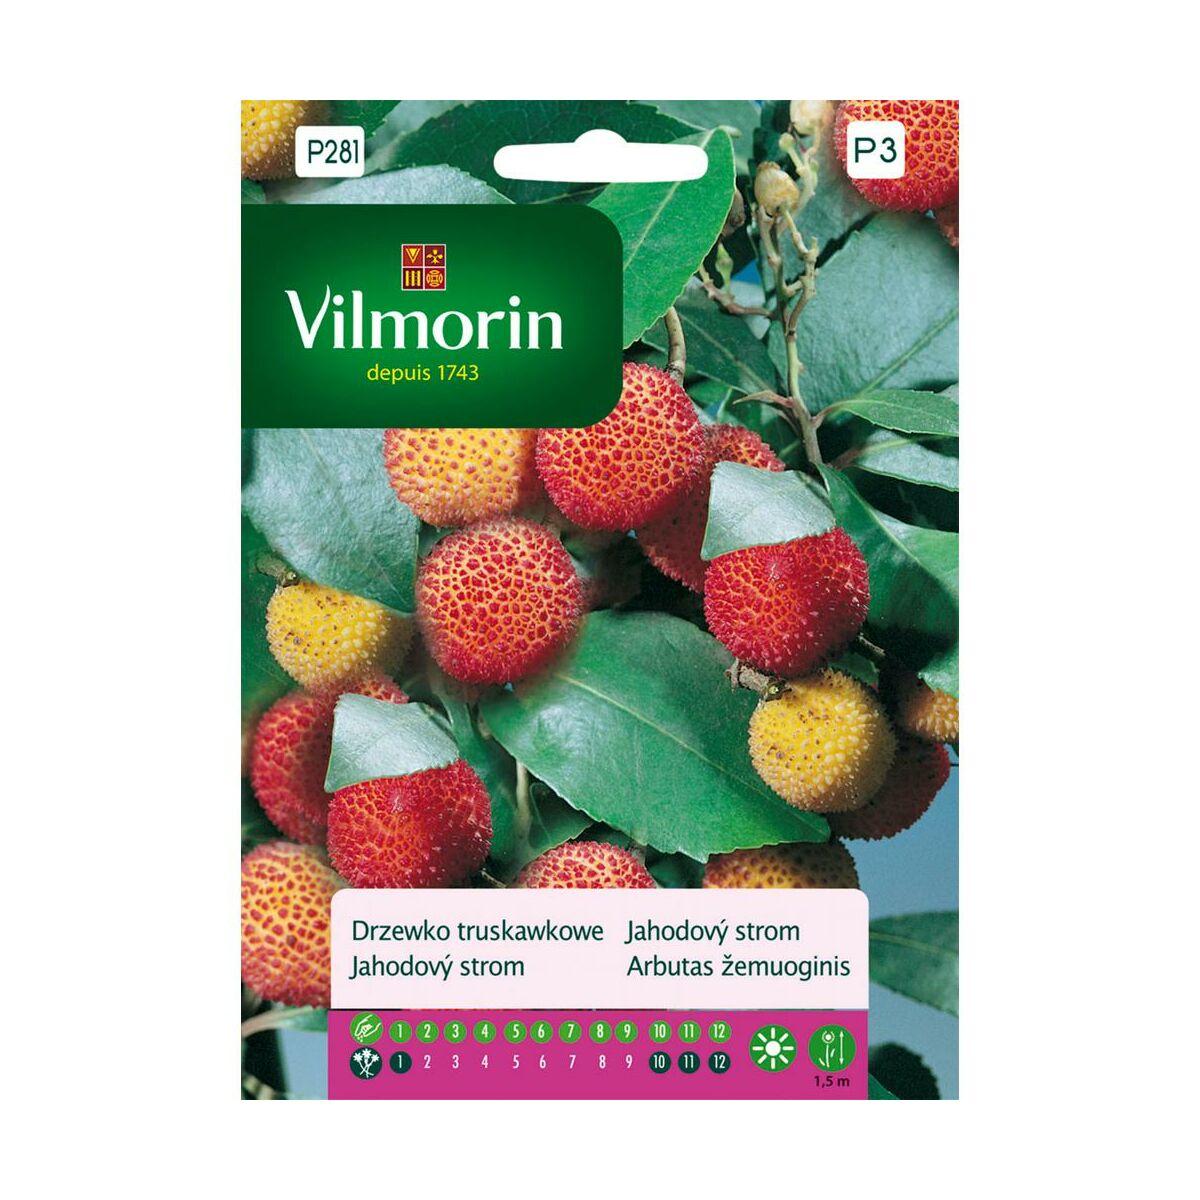 Drzewko truskawkowe nasiona tradycyjne 0.1 g VILMORIN